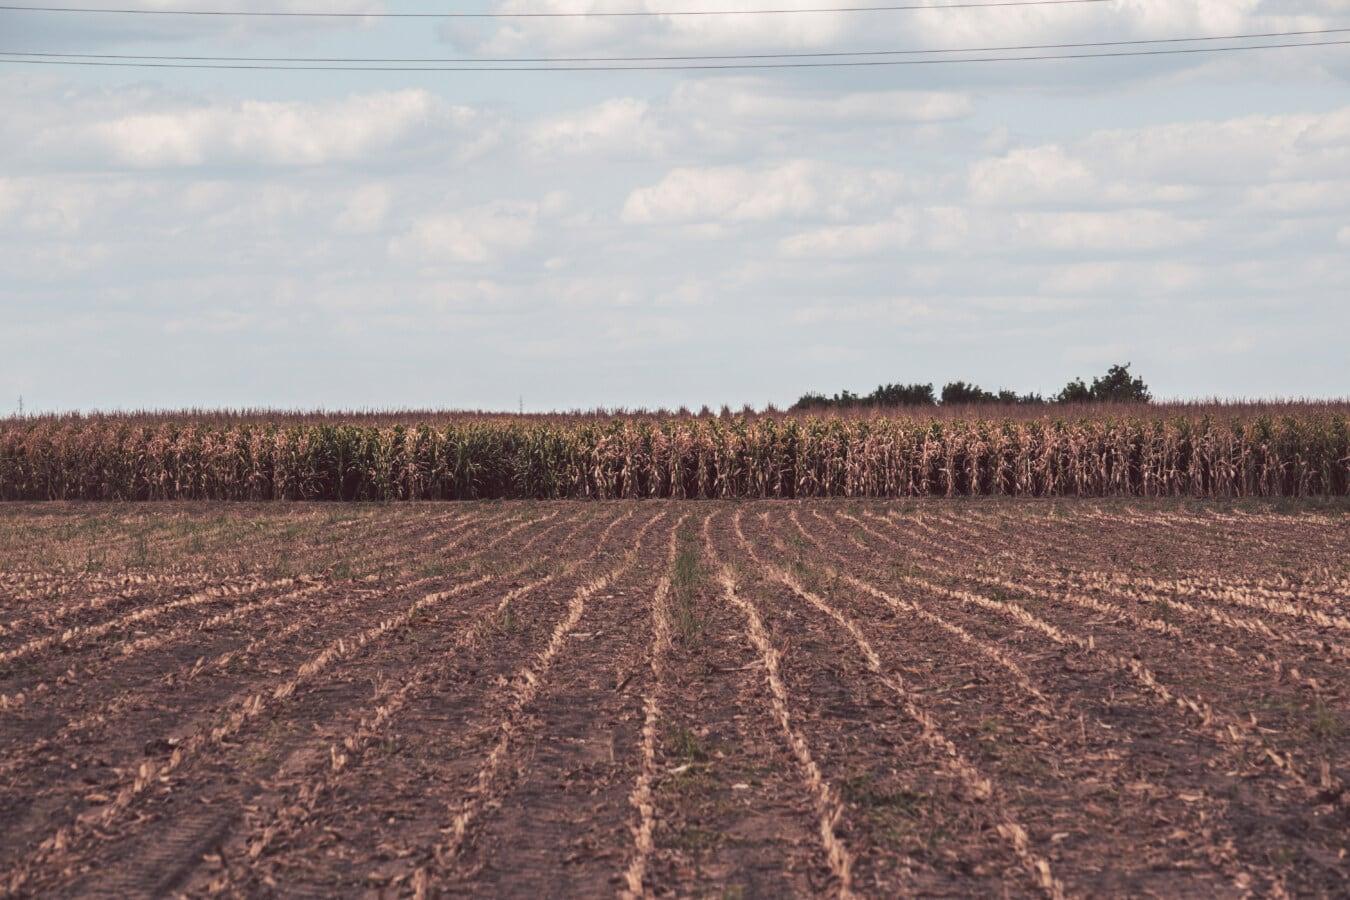 Trockenzeit, Sommersaison, Mais, Kornfeld, Harvest, Landwirtschaft, des ländlichen Raums, Boden, Feld, Landschaft